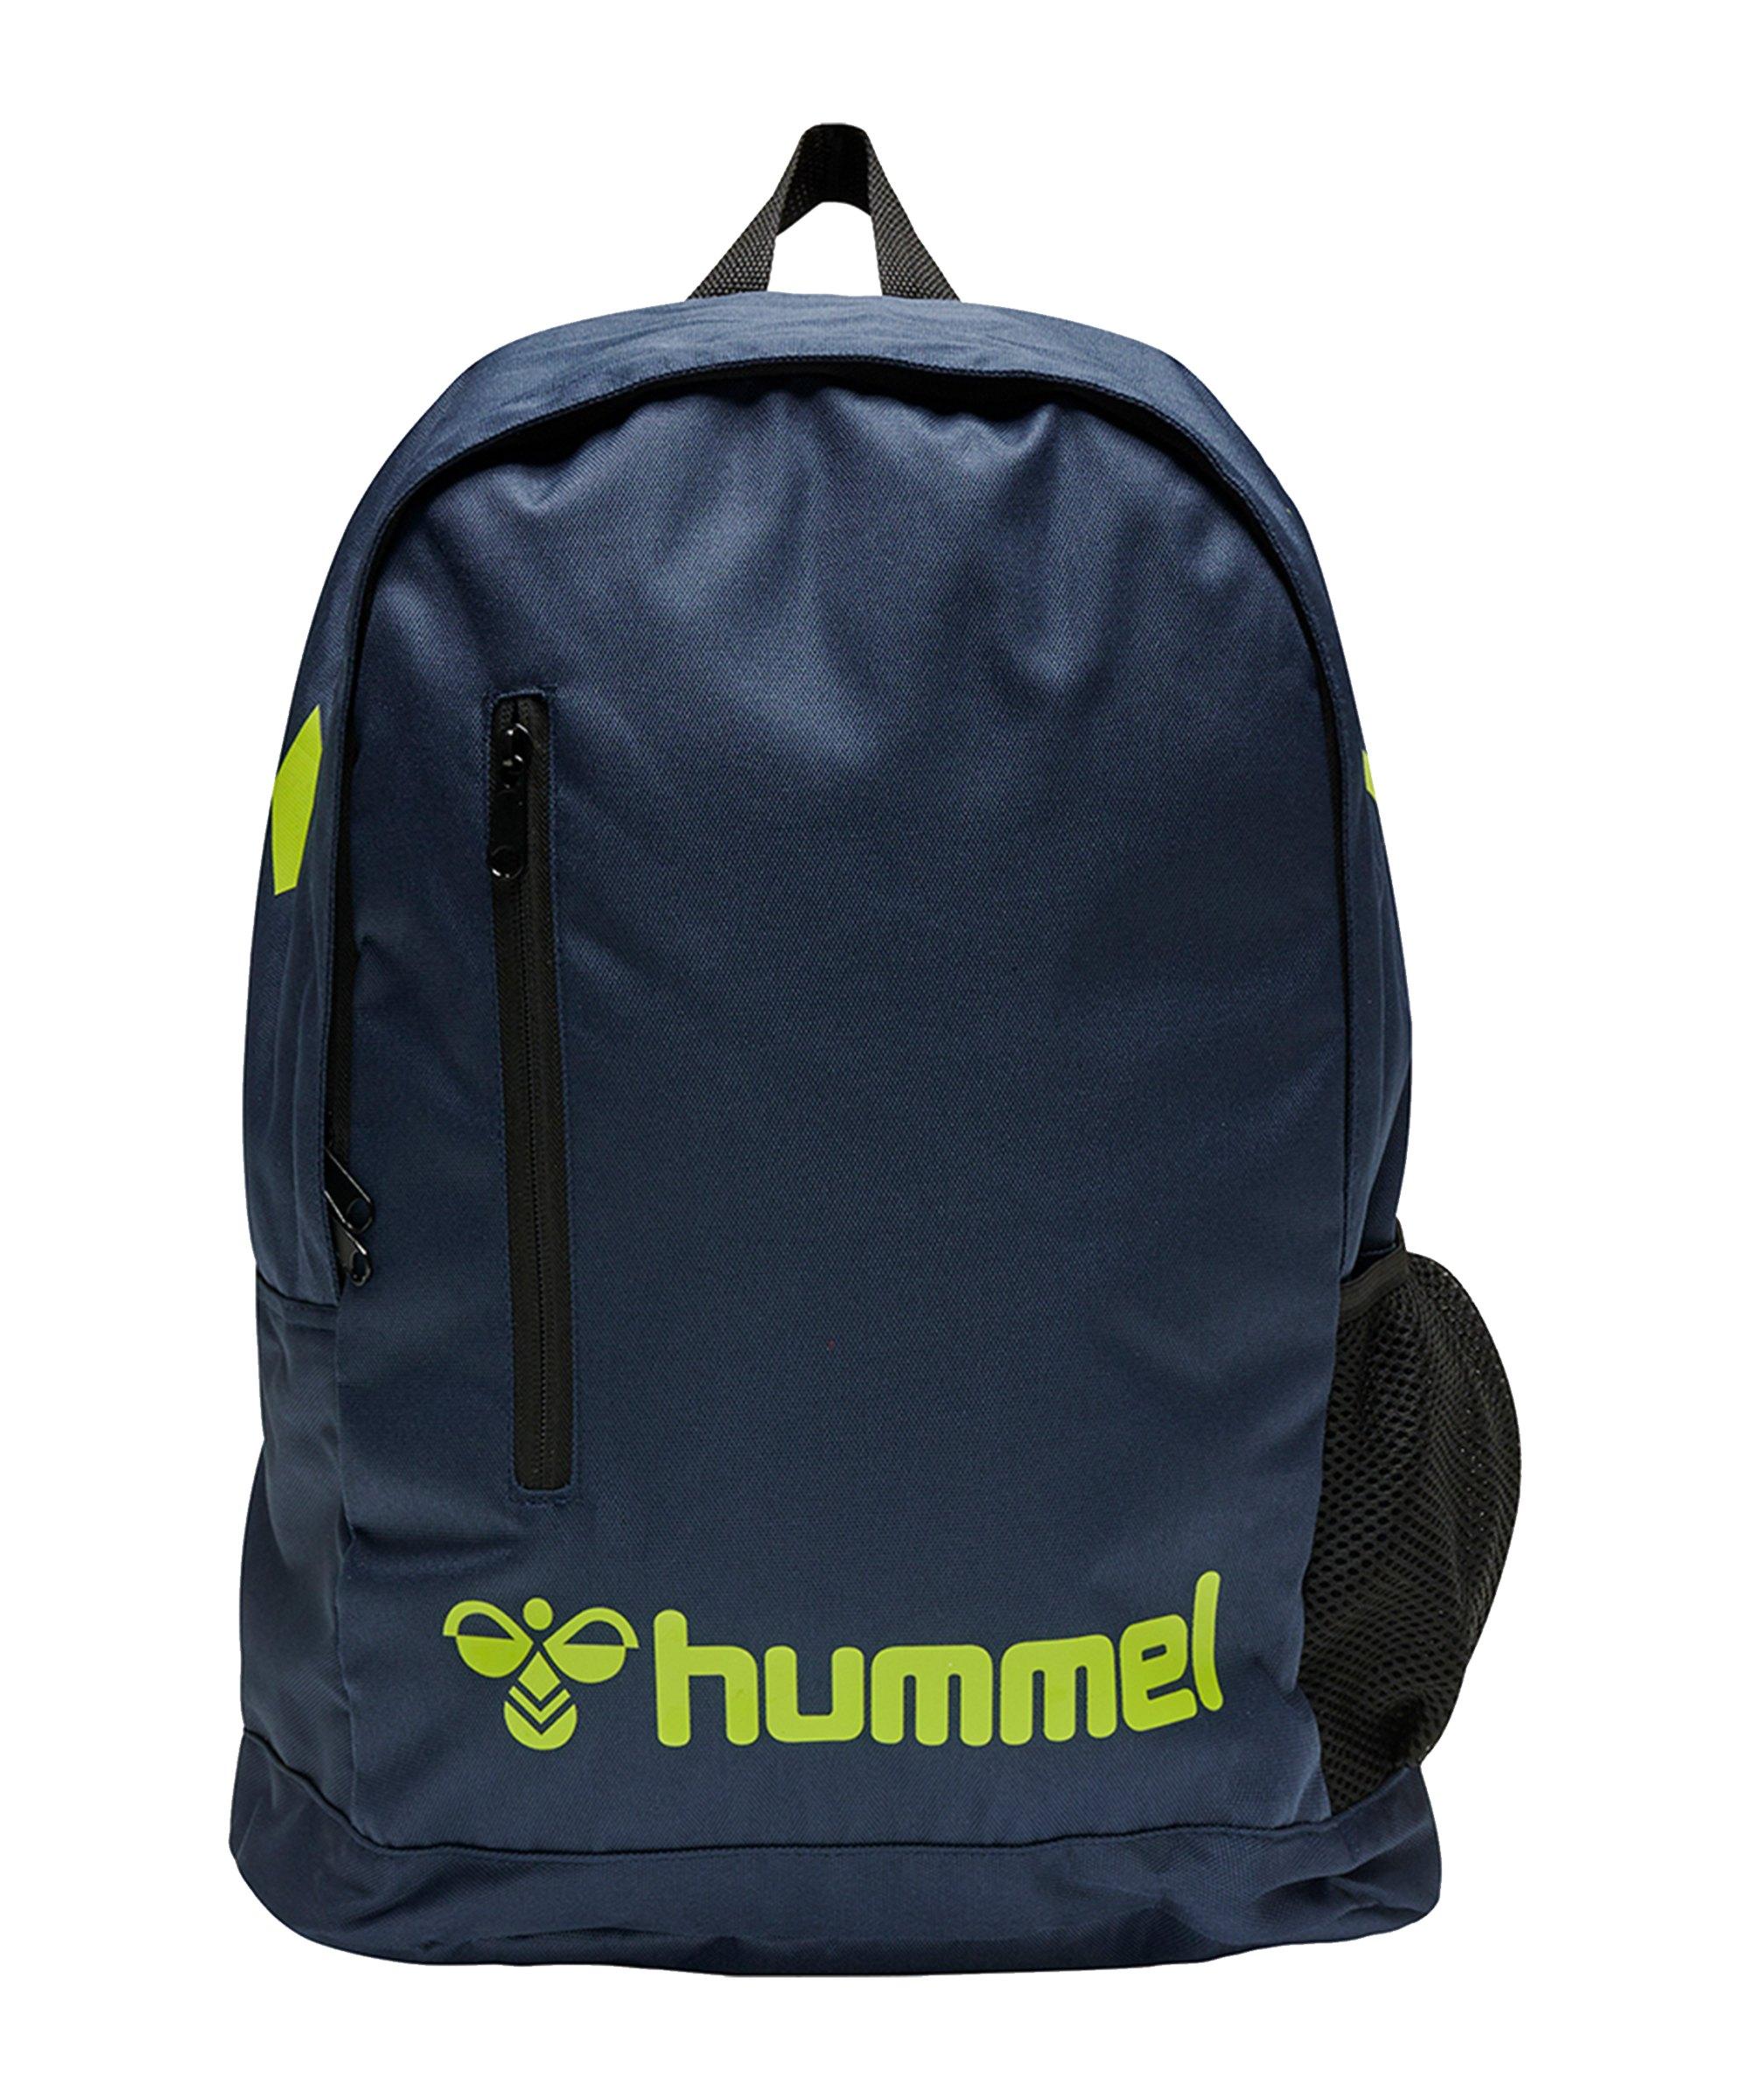 Hummel Core Back Pack Rucksack Blau F6616 - blau